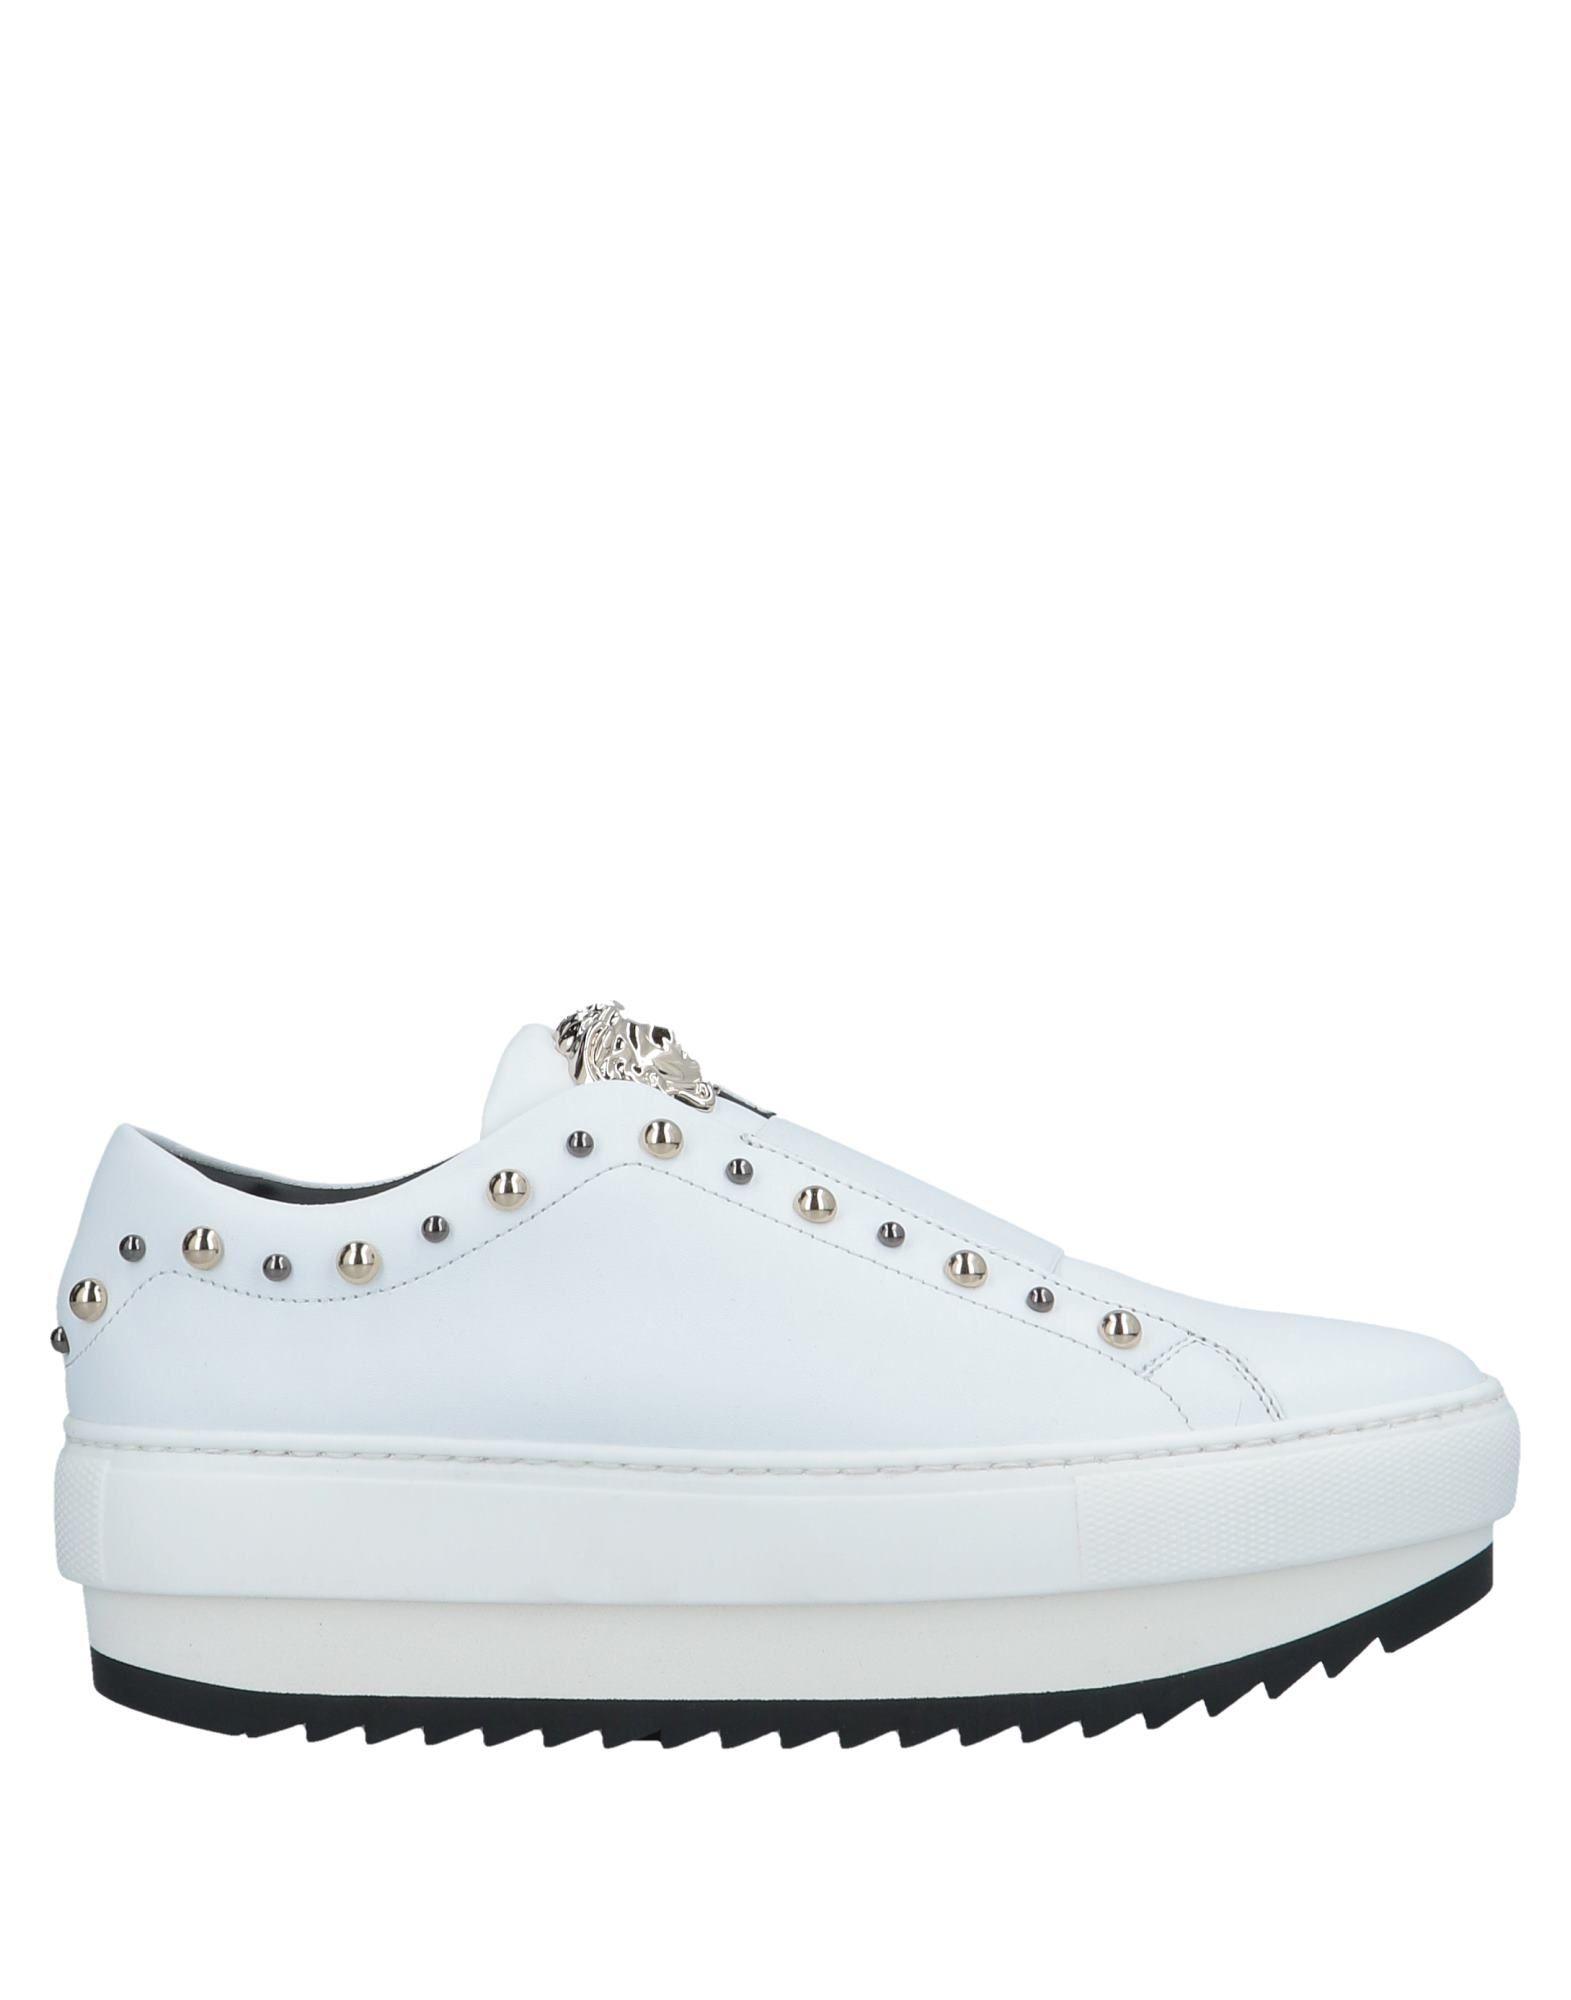 Blanco Zapatillas Versace Mujer - Zapatillas Versace Los últimos últimos últimos zapatos de descuento para  hombres  y mujeres 5ce7b9